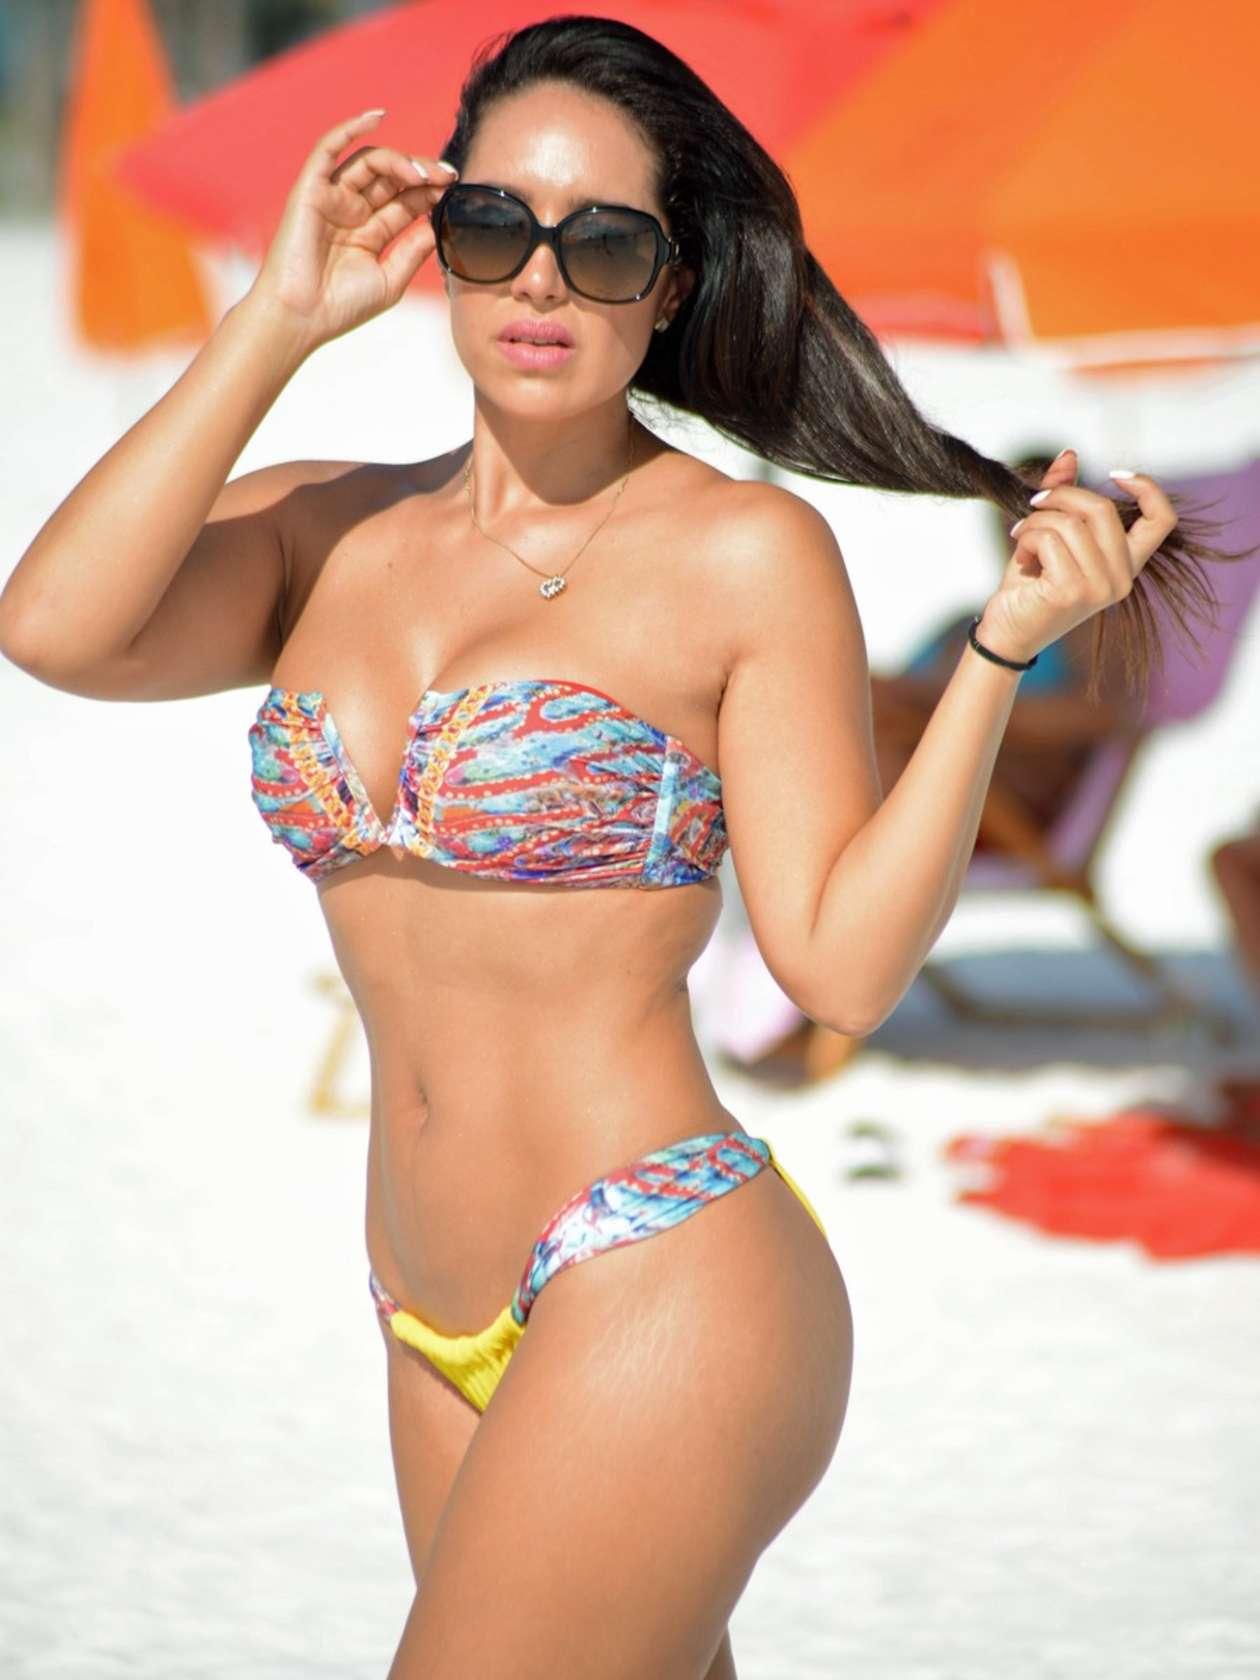 Andrea Calle in Bikini in Miami